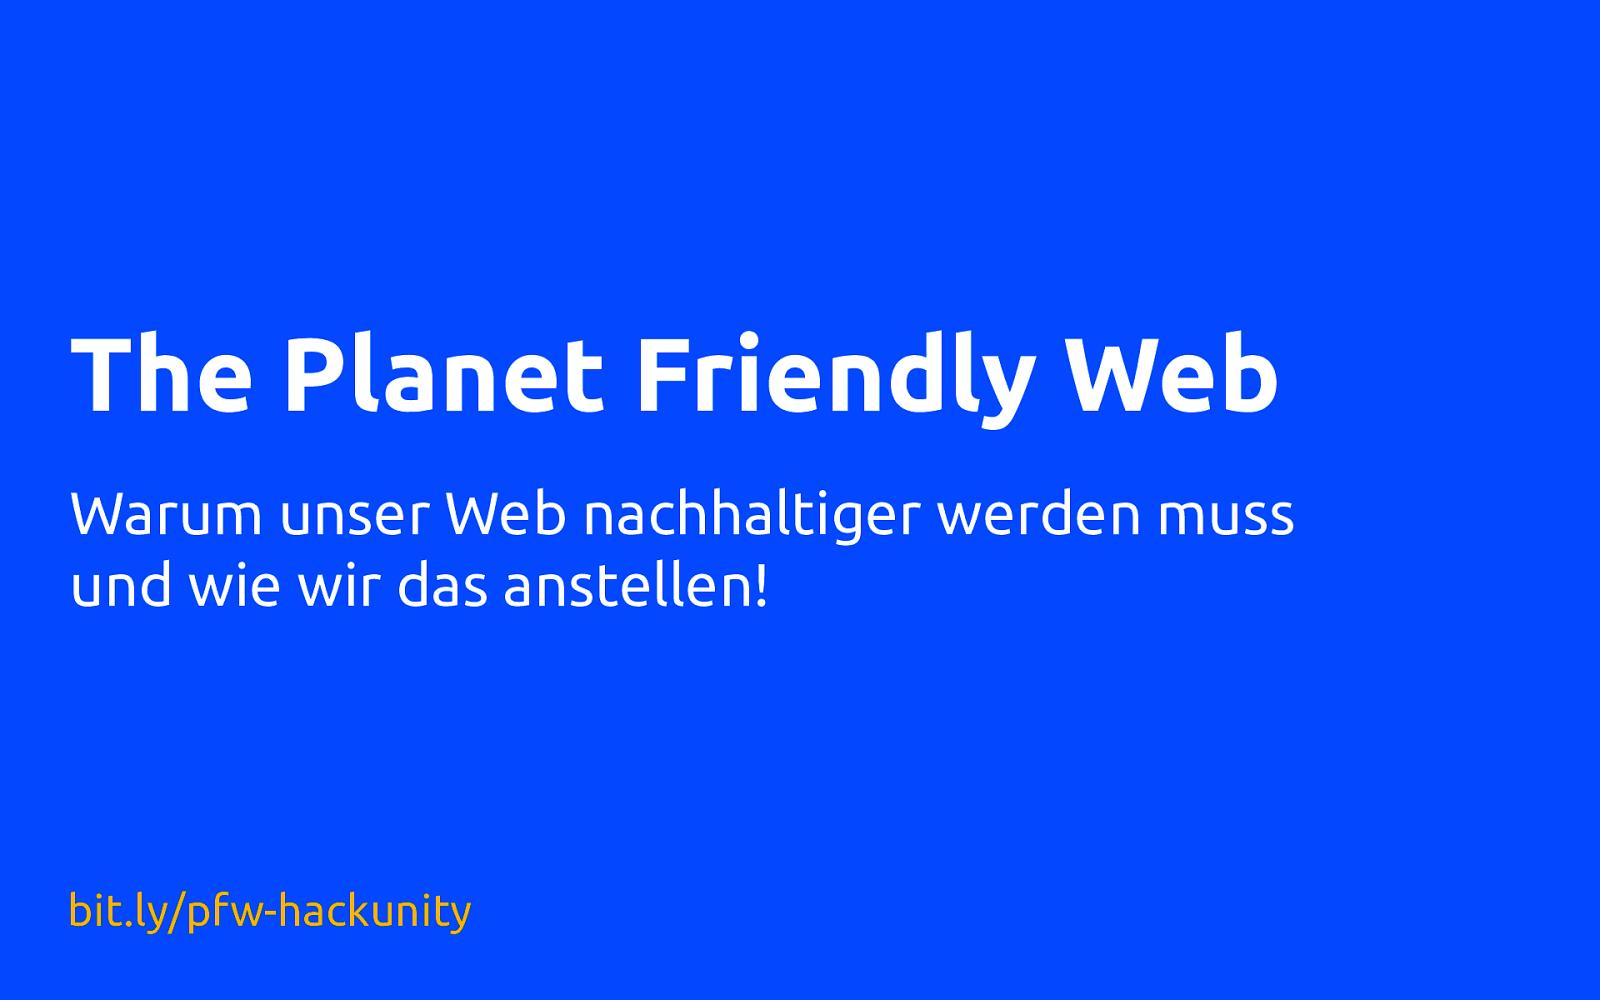 Warum unser Web nachhaltiger werden muss und wie wir das anstellen!